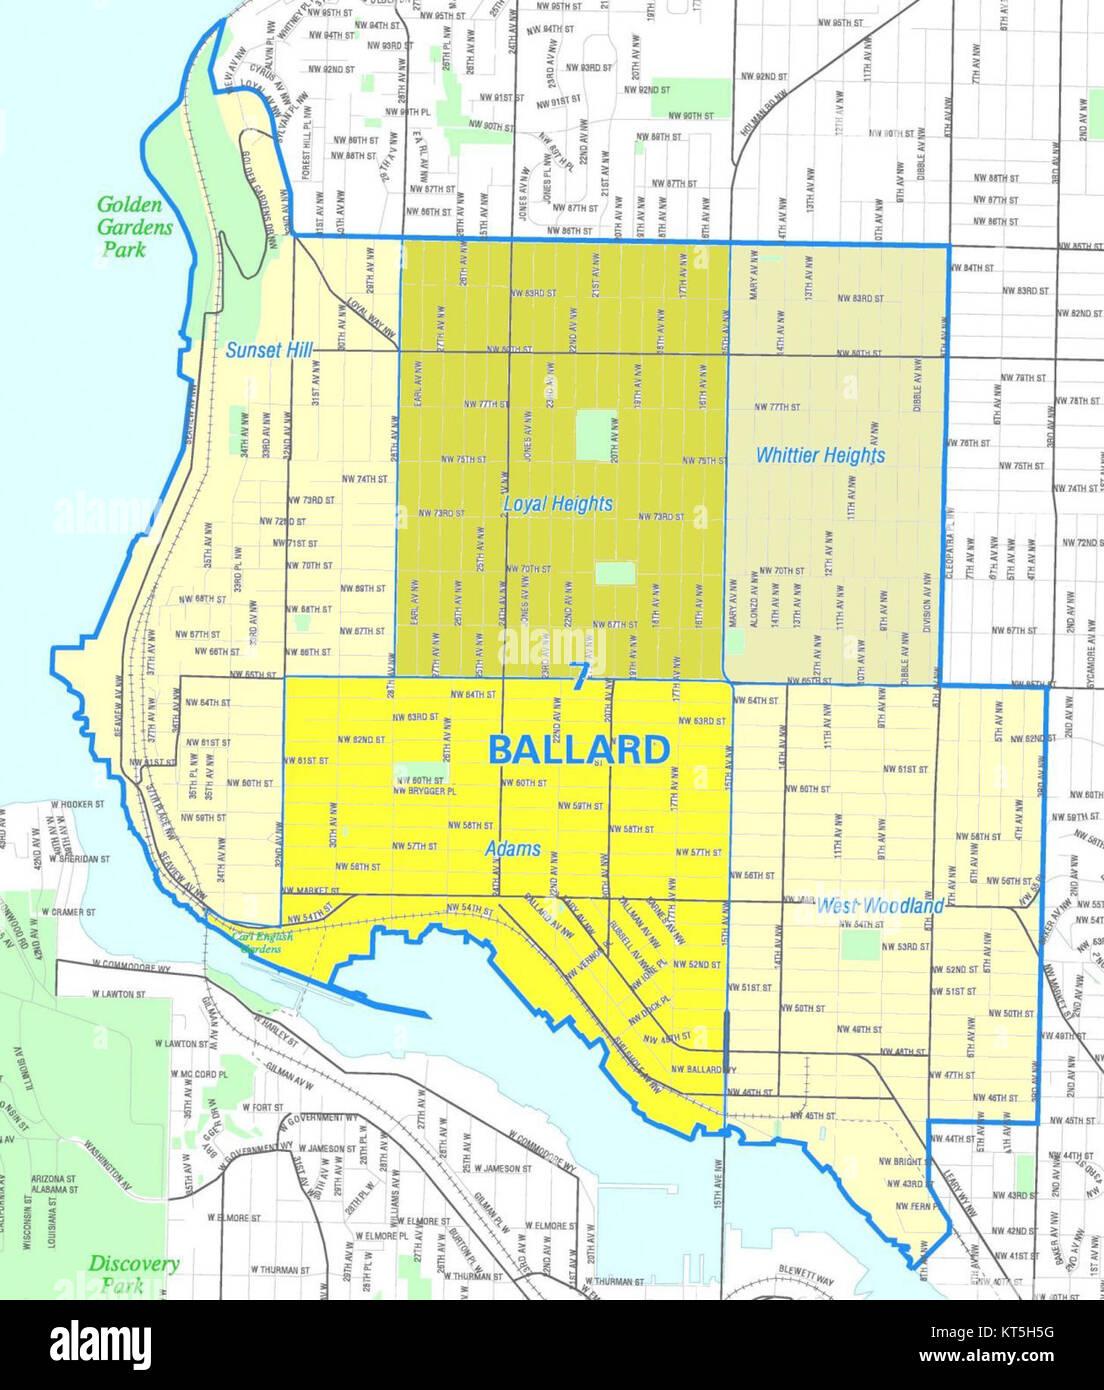 seattle - ballard map stock photo: 169768300 - alamy